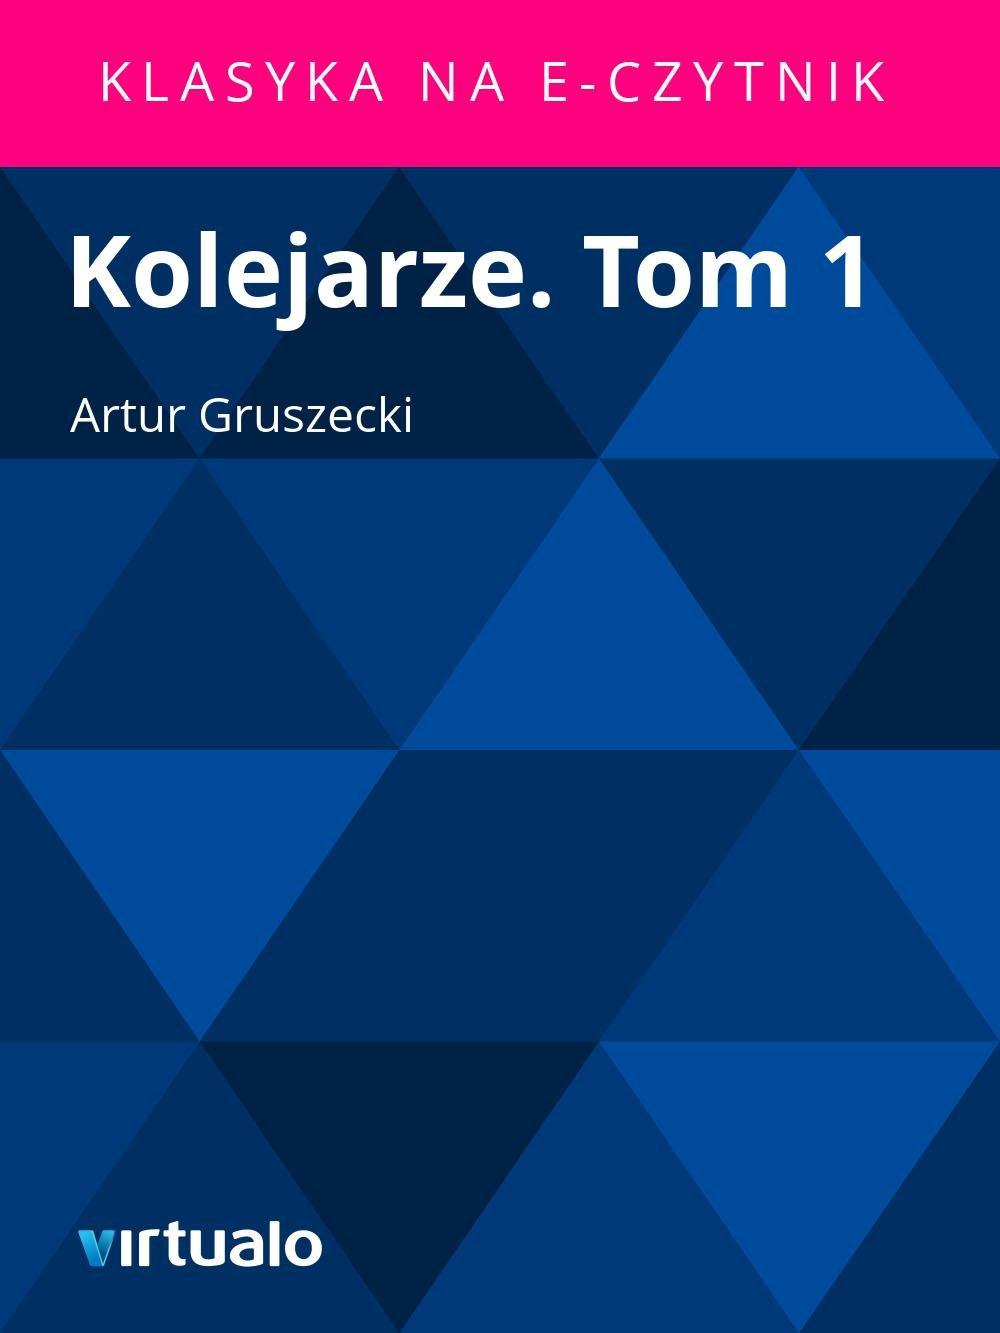 Kolejarze. Tom 1 - Ebook (Książka EPUB) do pobrania w formacie EPUB